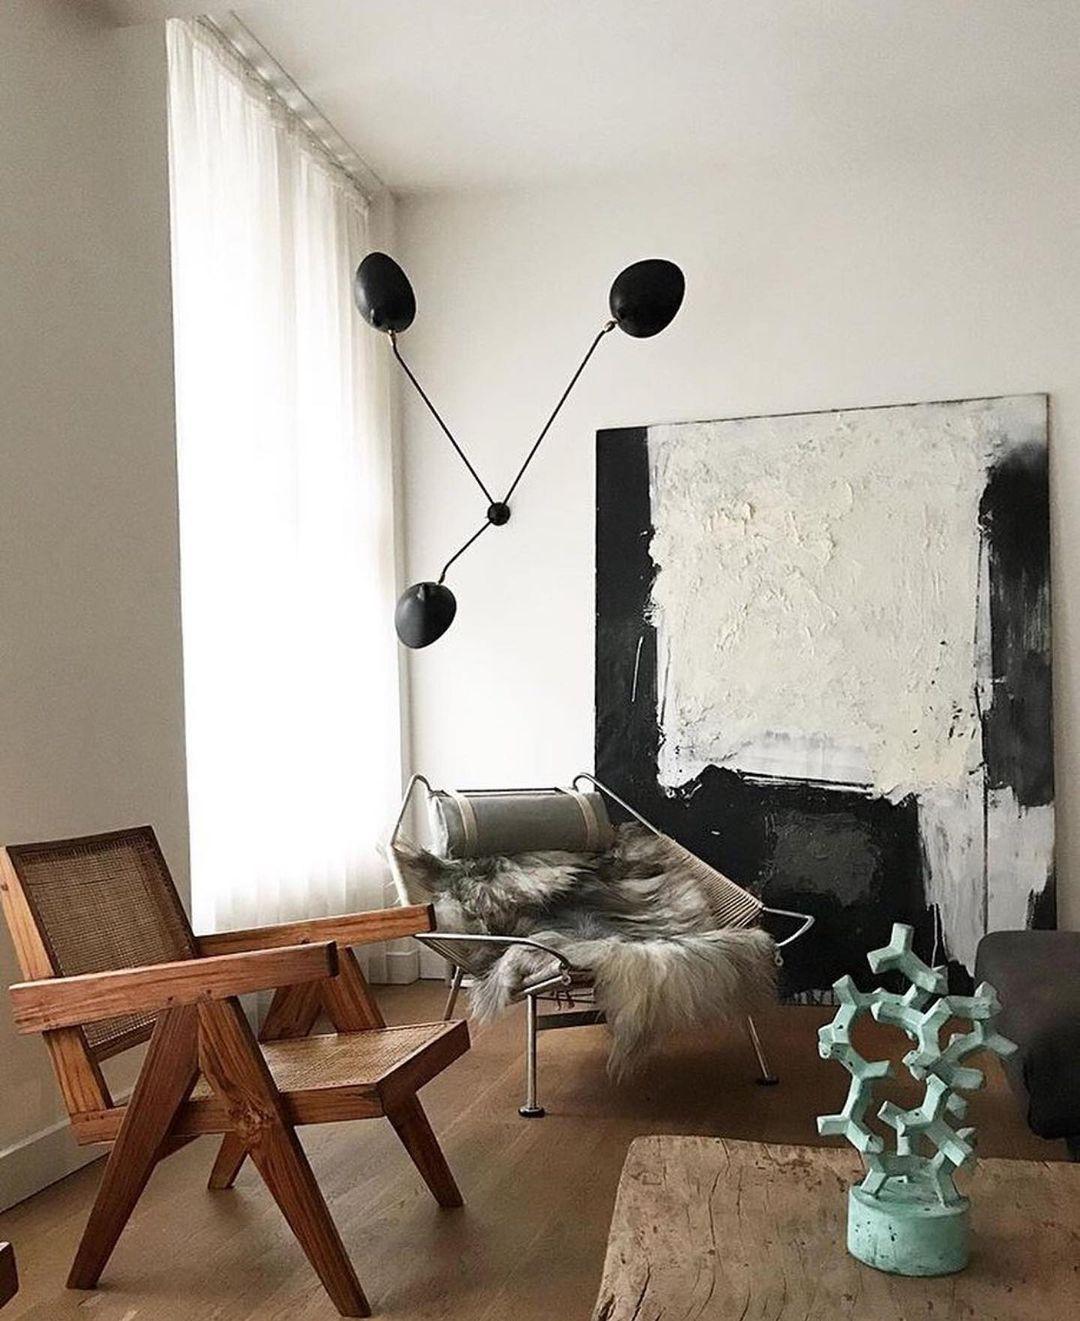 """Marc Costa on Instagram: """"#interiors #interiordesign #design #art #theworldofinteriors #pierrejeanneret @duedefonss #architecture #homedecor #decor #lifestyle…"""""""